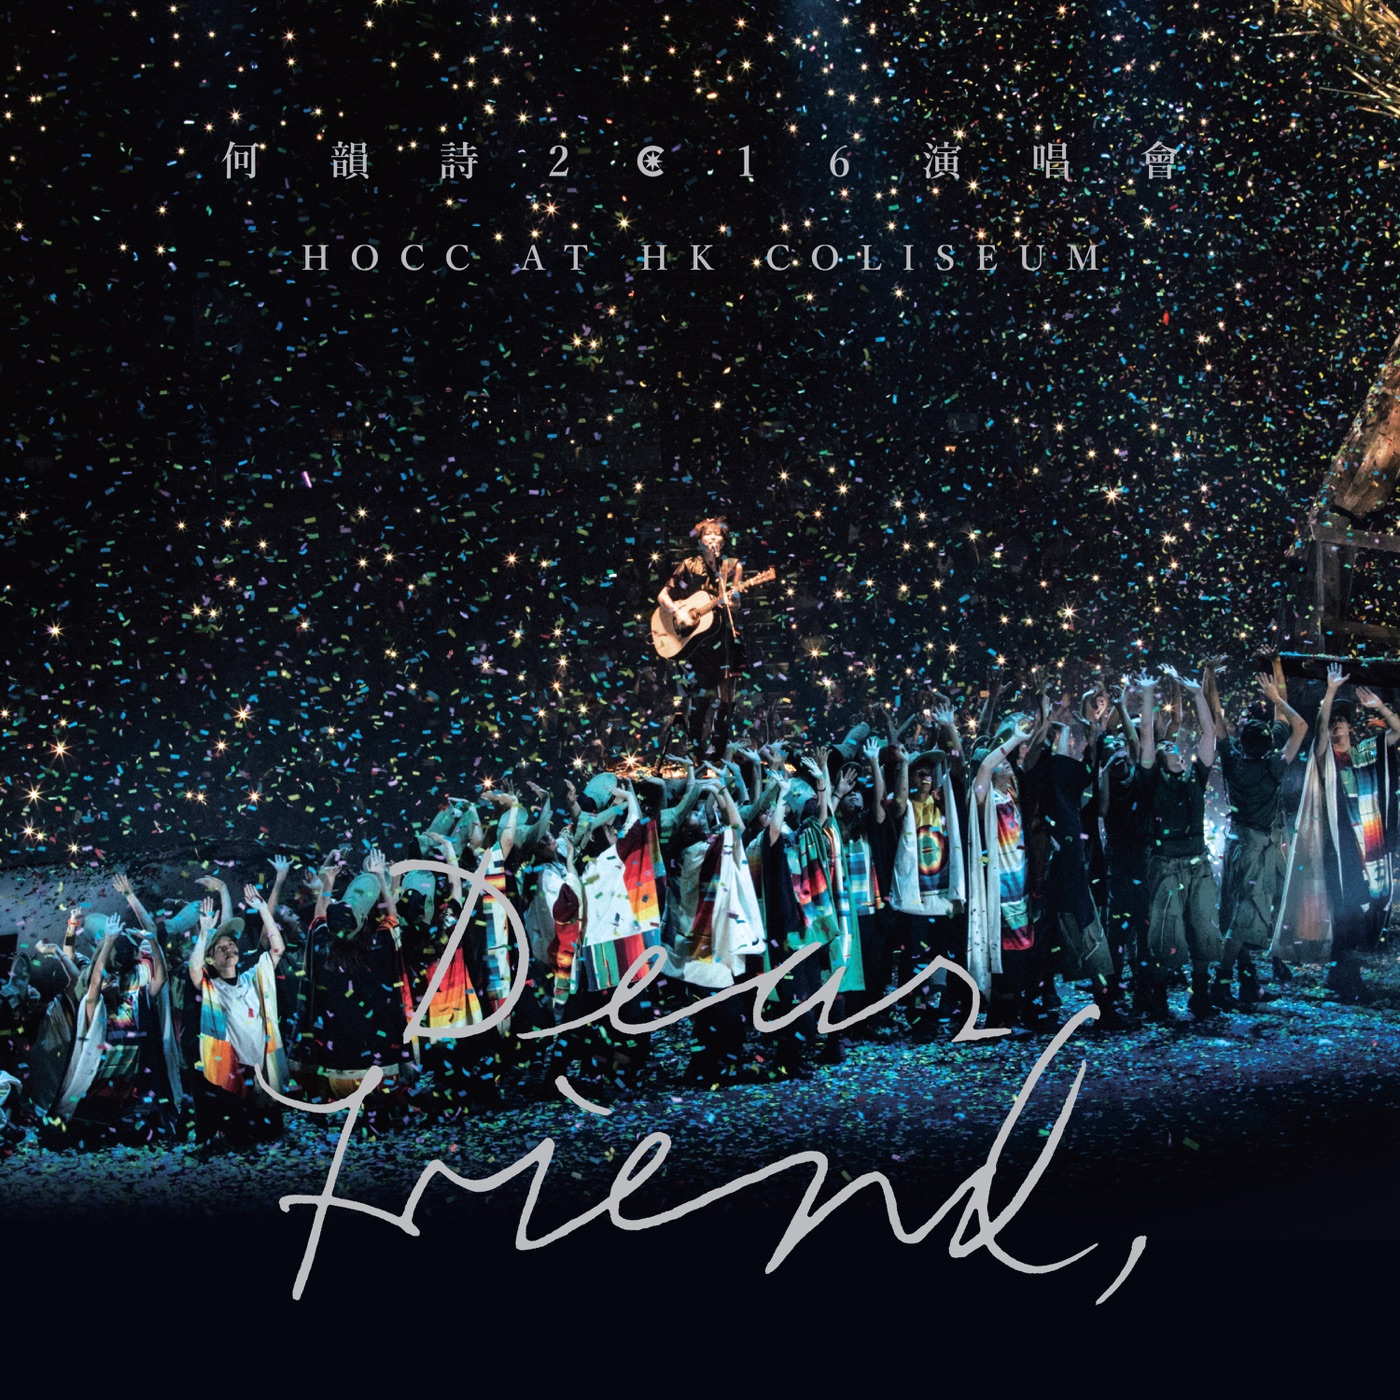 何韵诗 - Dear Friend, 何韵诗 2016 演唱会 (Live)